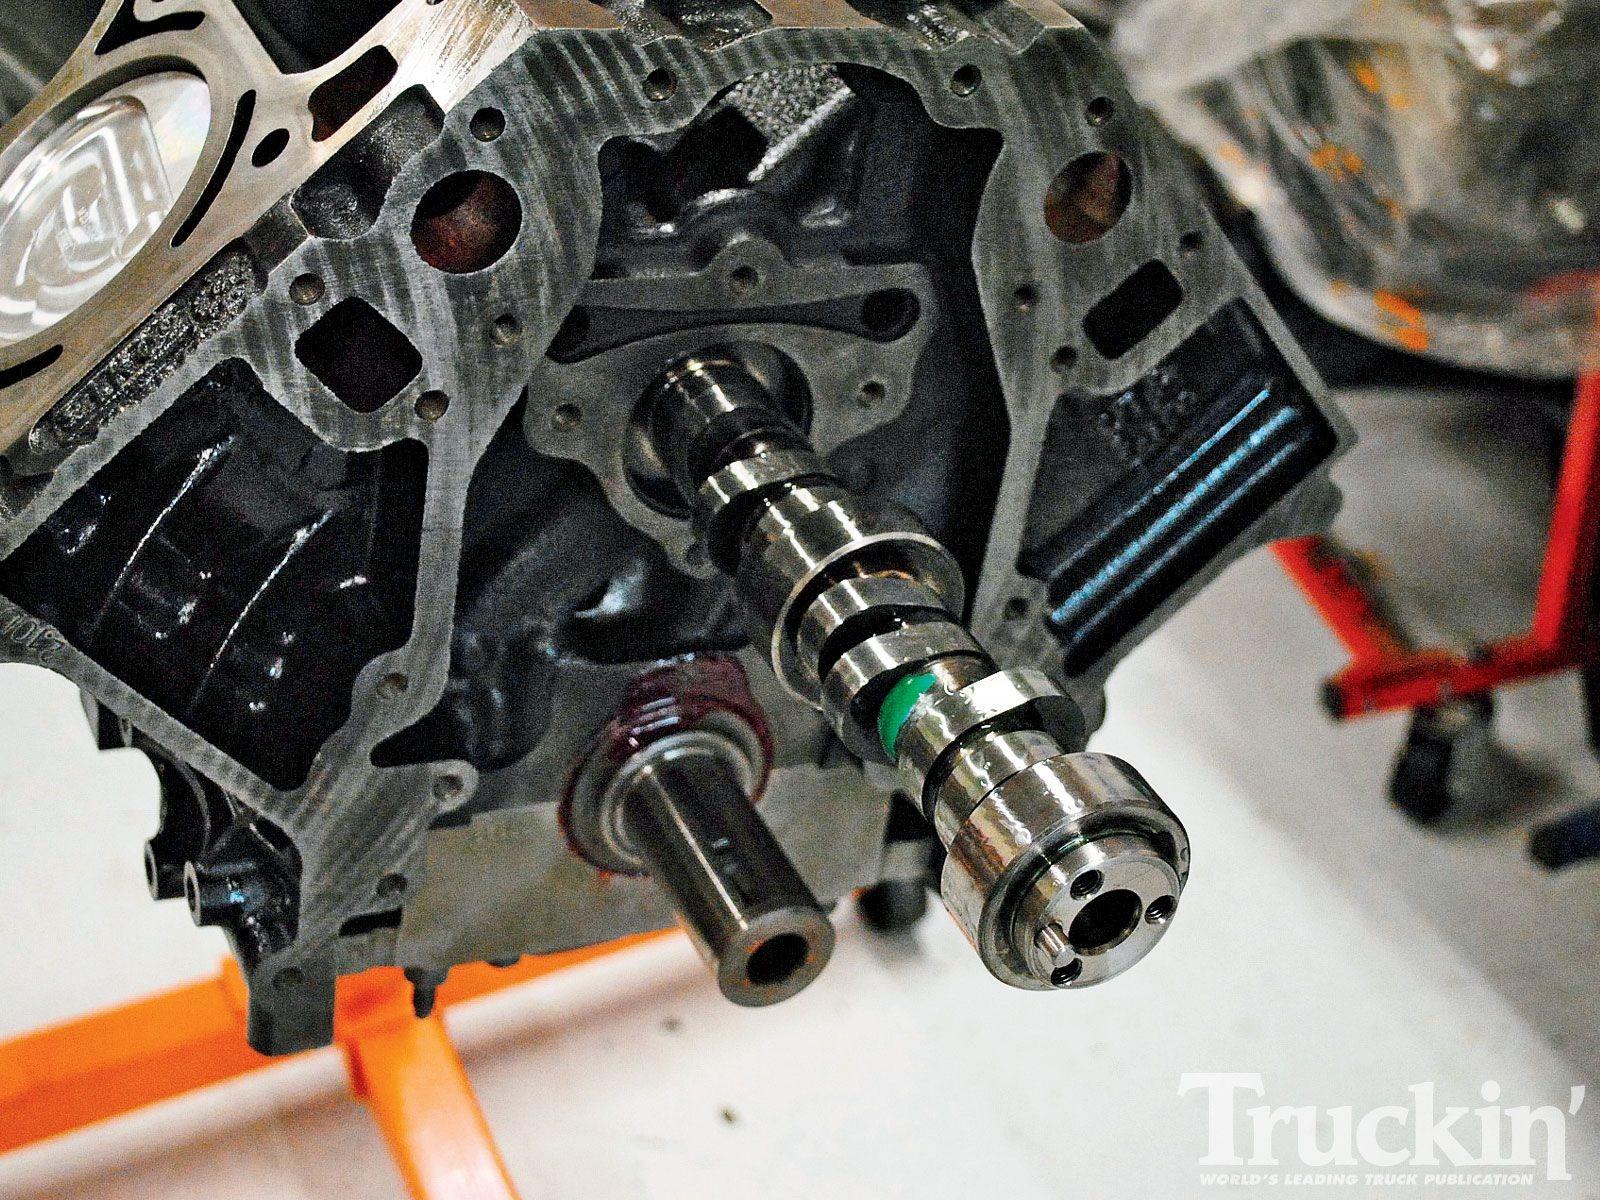 5 3 Vortec Engine Diagram 5 3l 383 Stroker Engine Build total Engine Airflow Heads Truckin Of 5 3 Vortec Engine Diagram